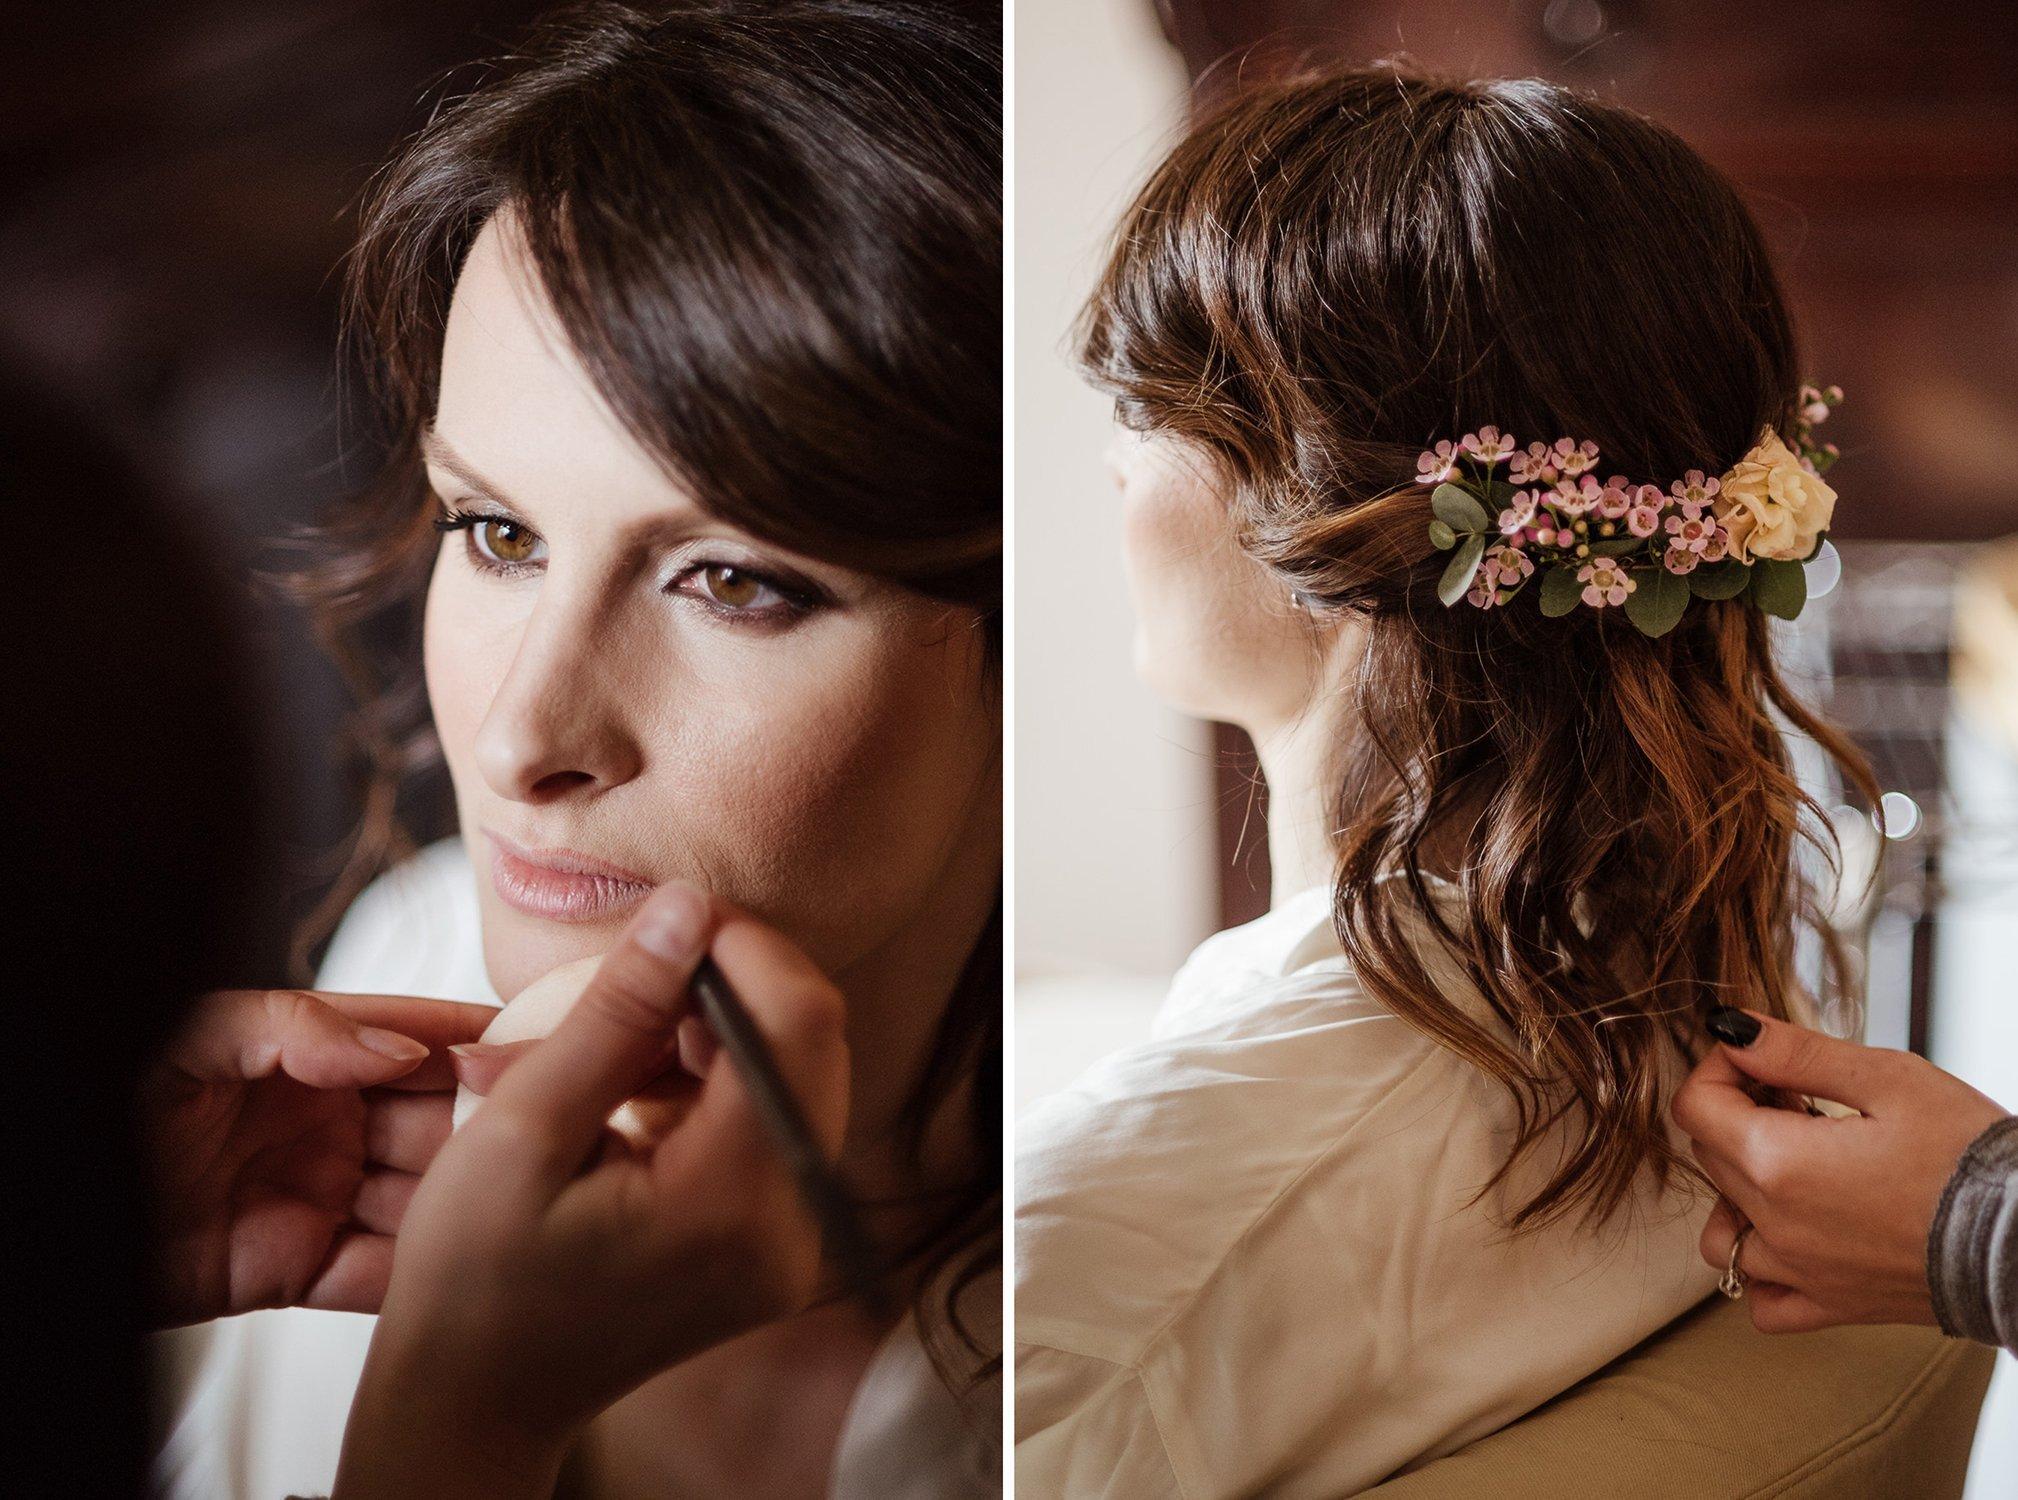 fotografo-matrimonio-donna-Padova-treviso-vicenza-italia-Servizio famigliafotografo-matrimonio-donna-verona-matrimonio villa frassanelle